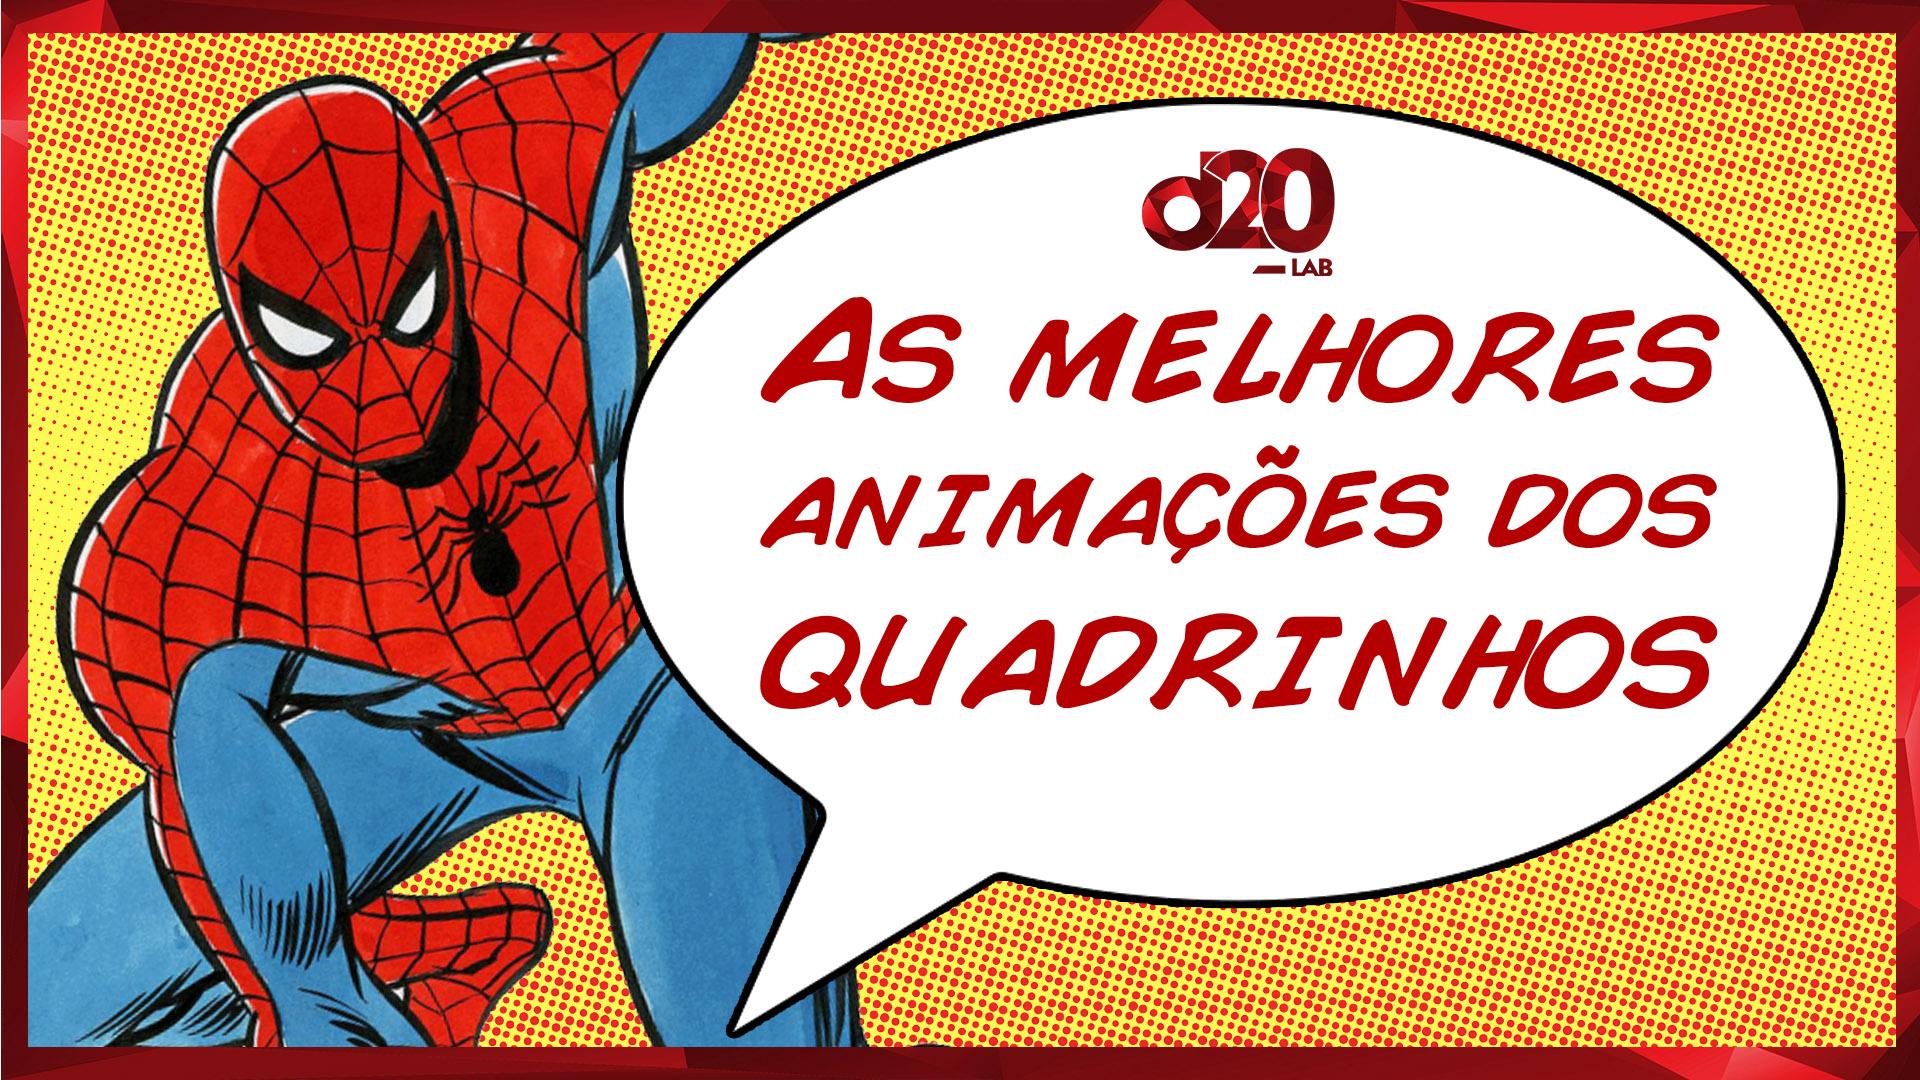 Clássicas Animações dos Quadrinhos | D20 Lab 02